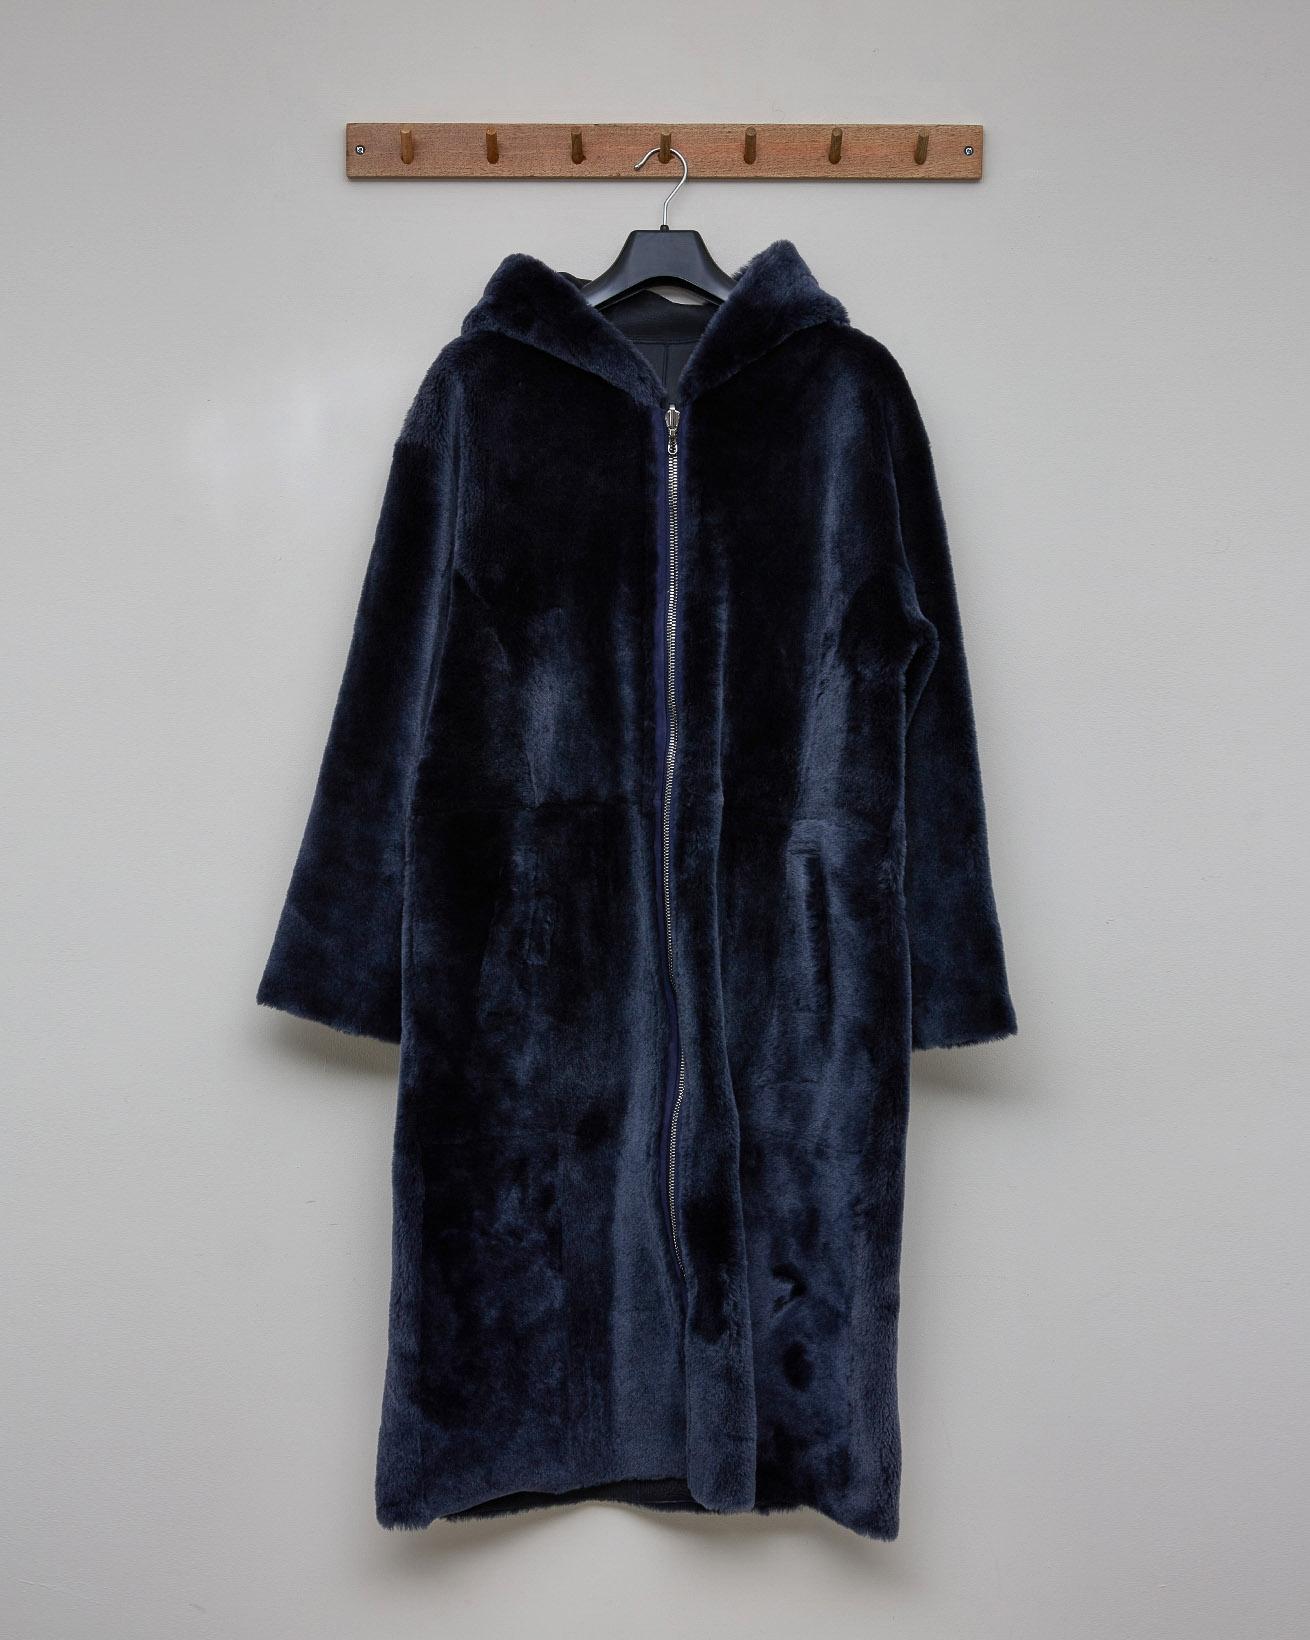 Reversible Hooded Zip Up Coat - Dark Navy - Size 10 - 2577